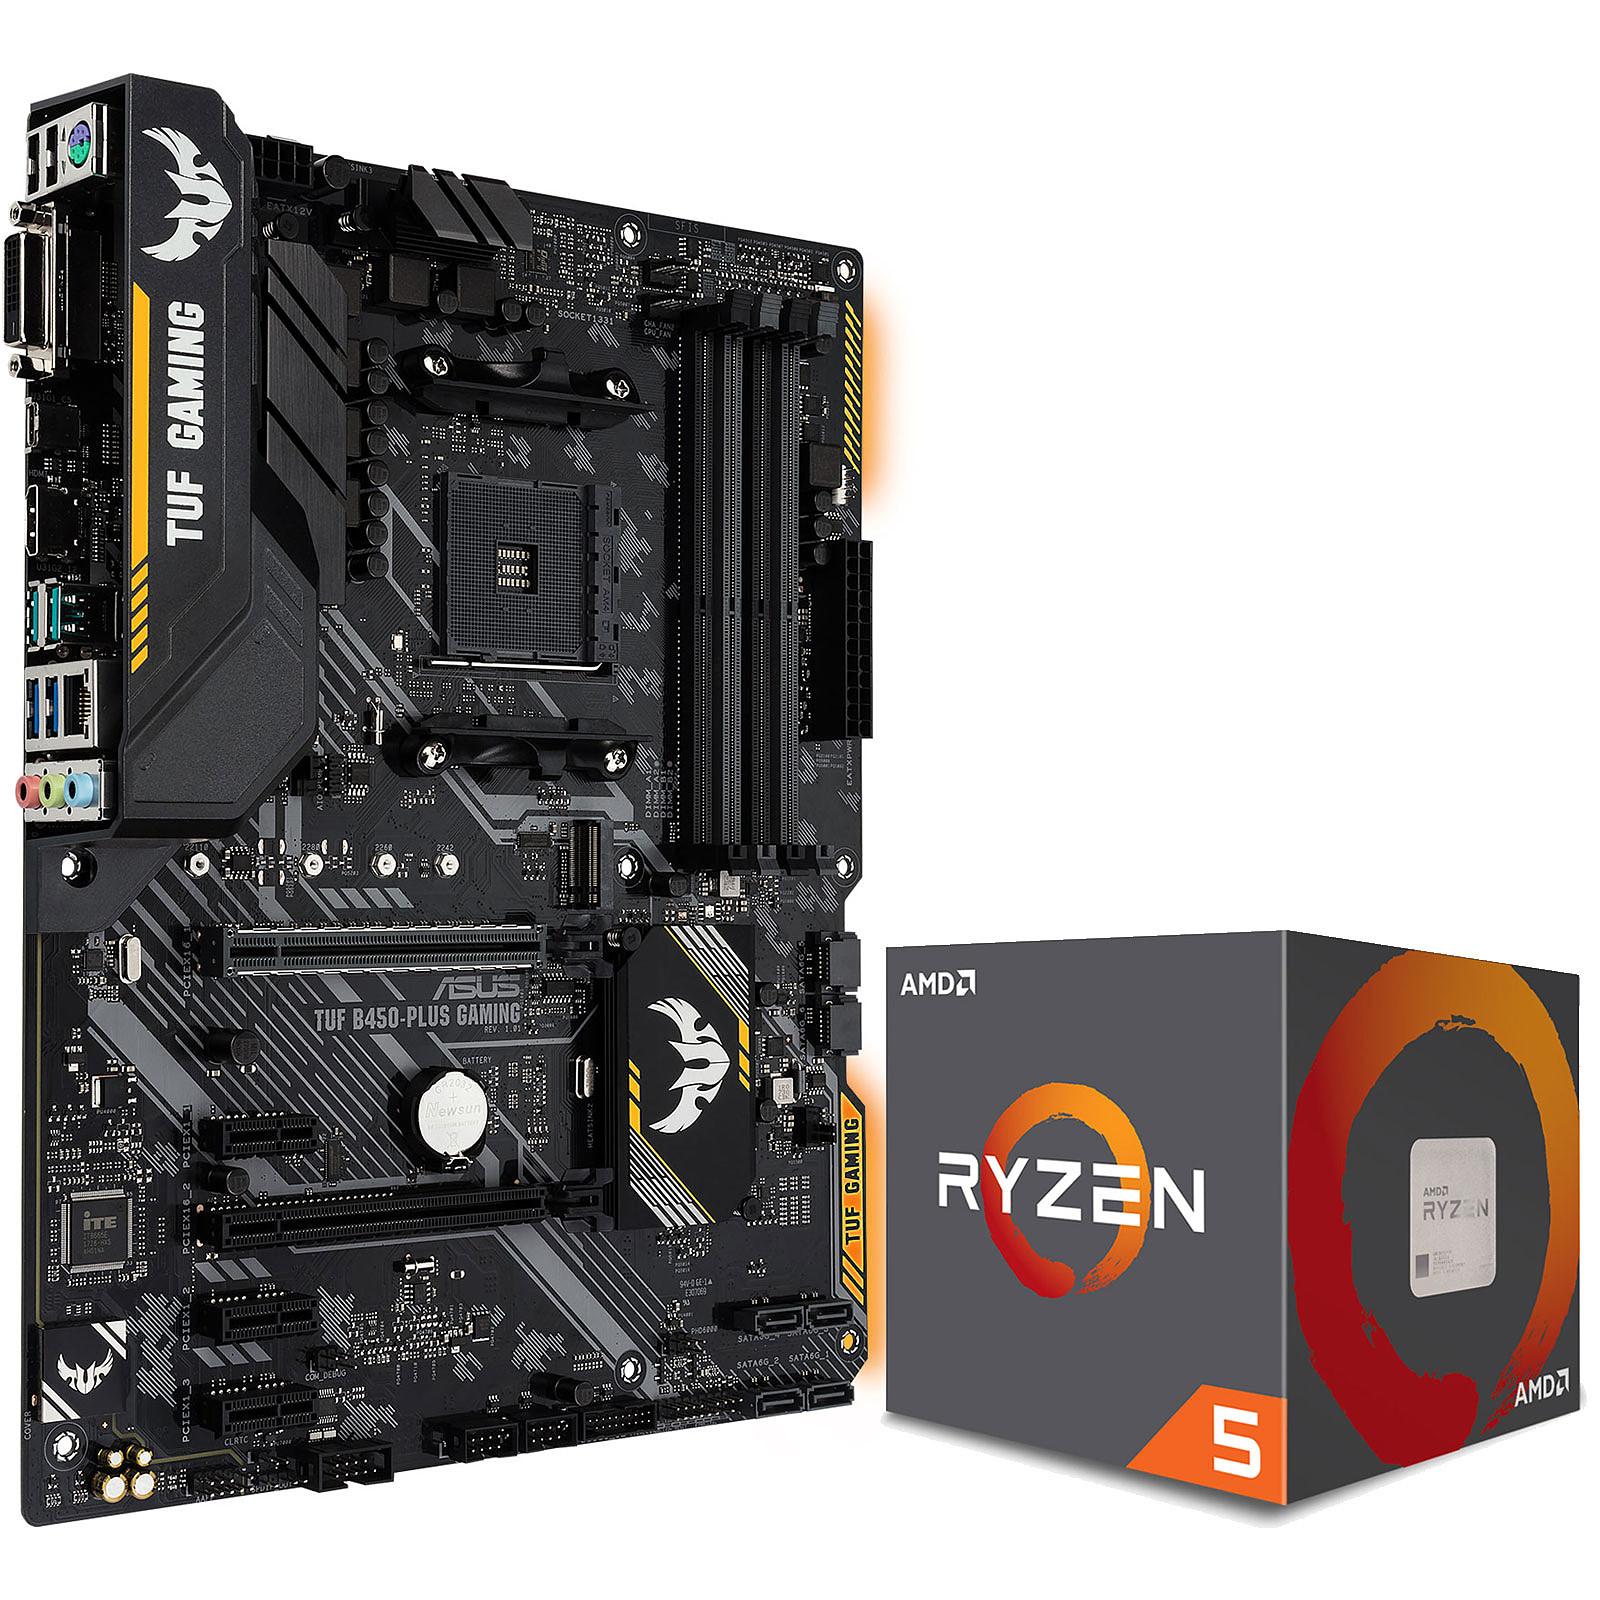 Kit Upgrade PC AMD Ryzen 5 2600X ASUS TUF B450-PLUS GAMING